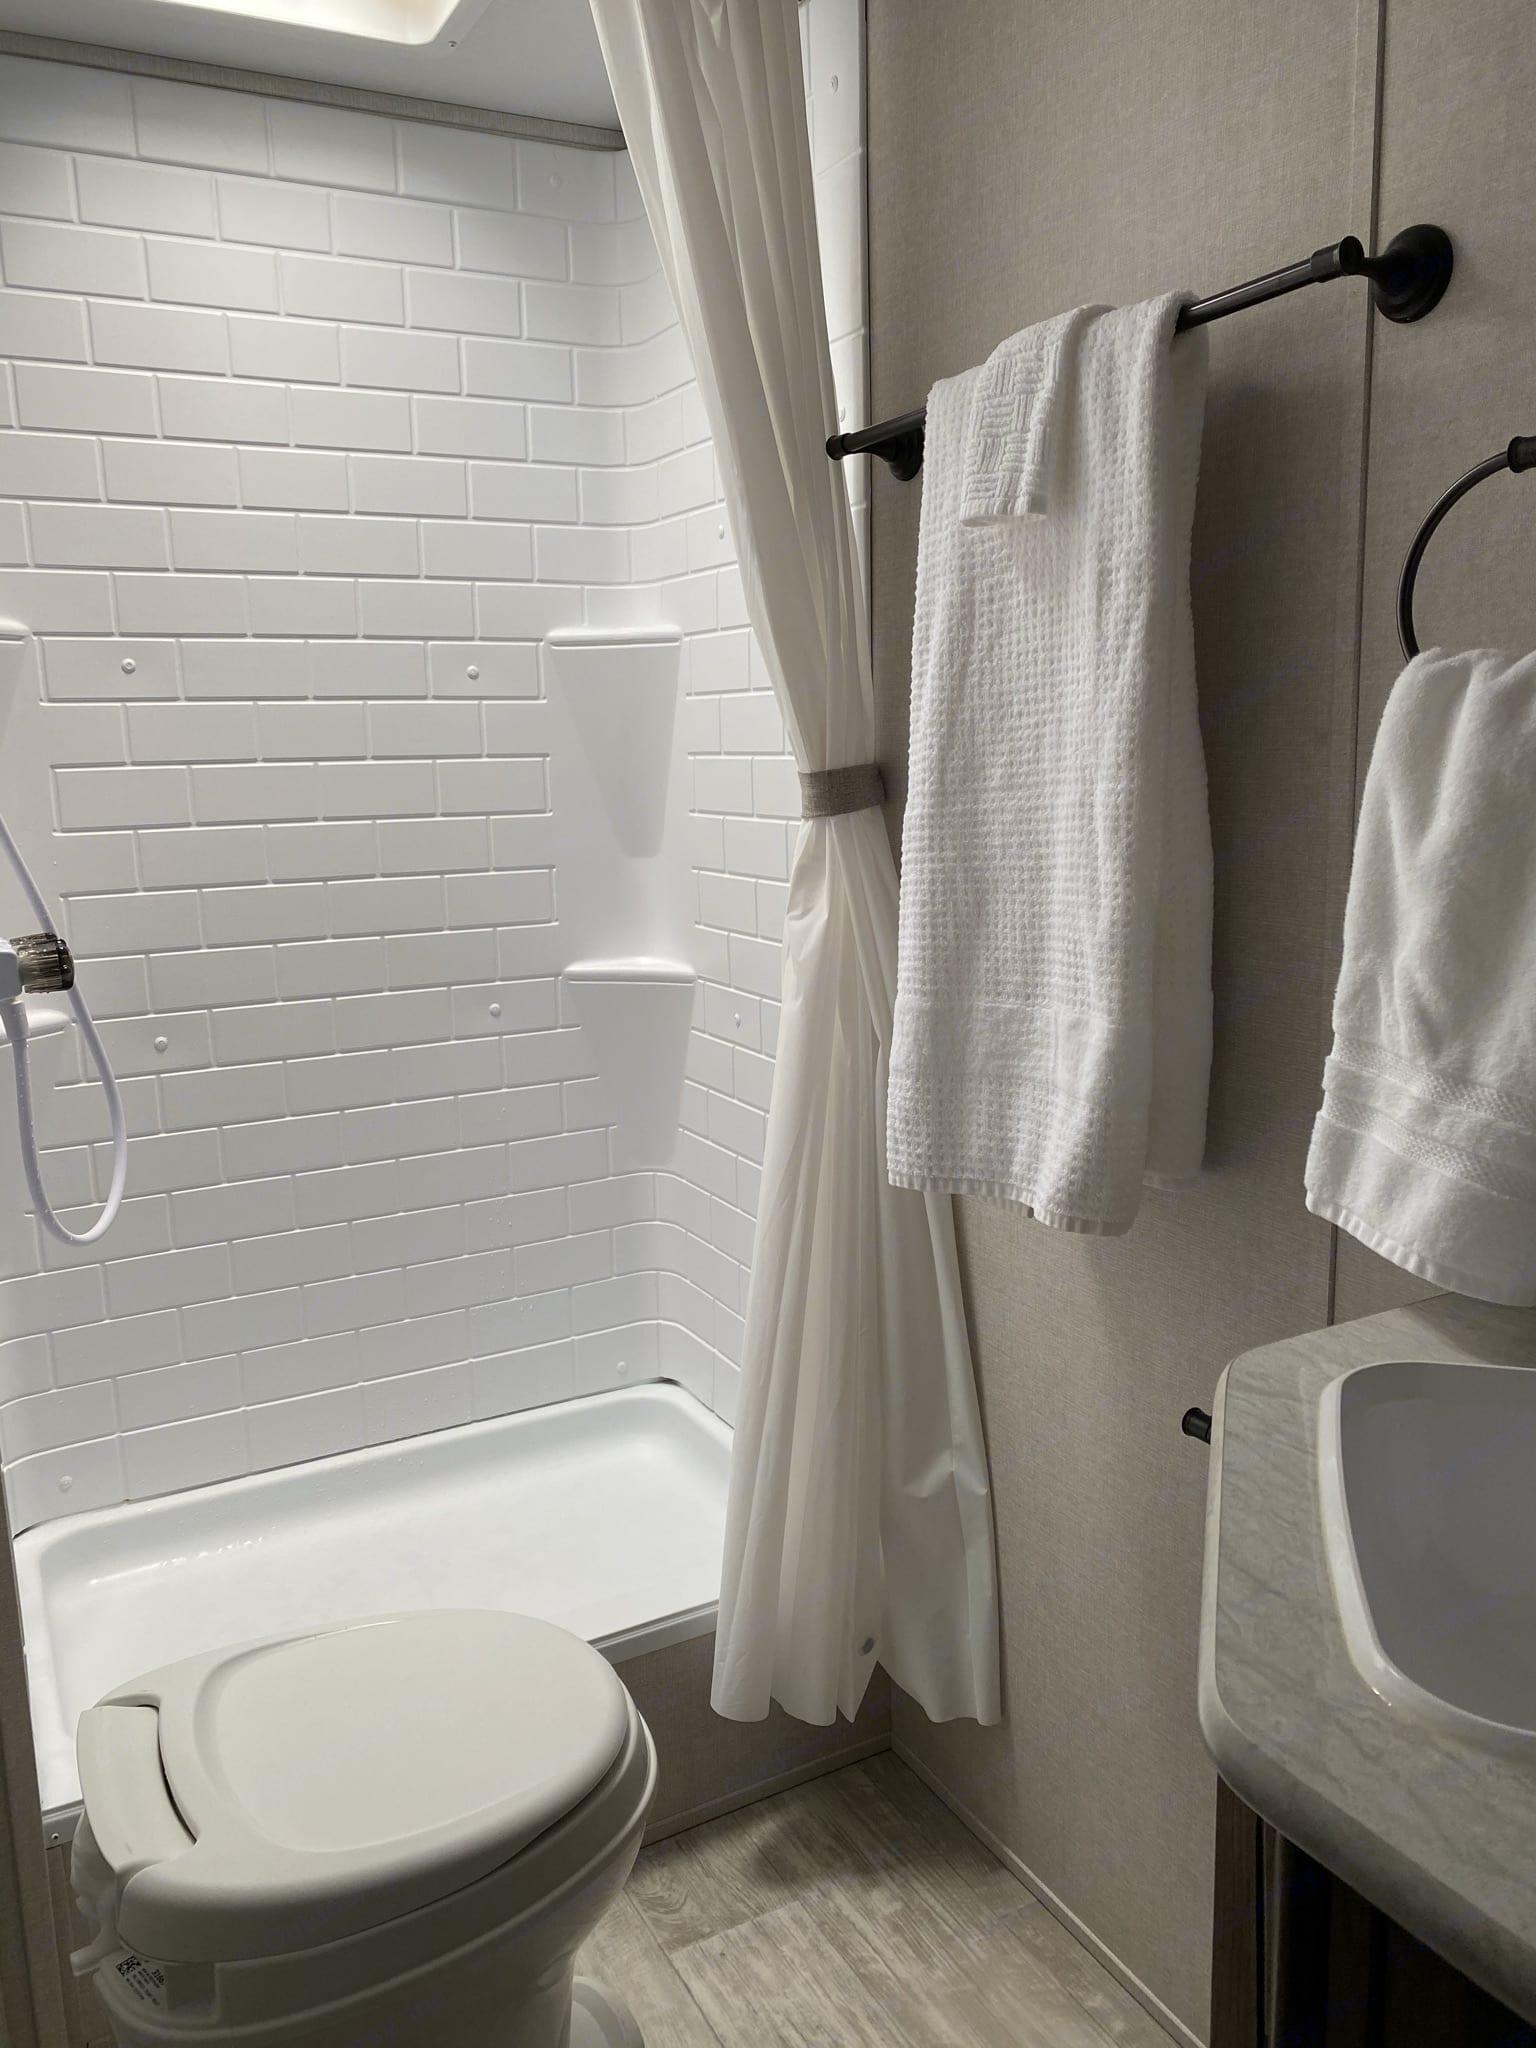 Bathroom. Prime Time Avenger 2021